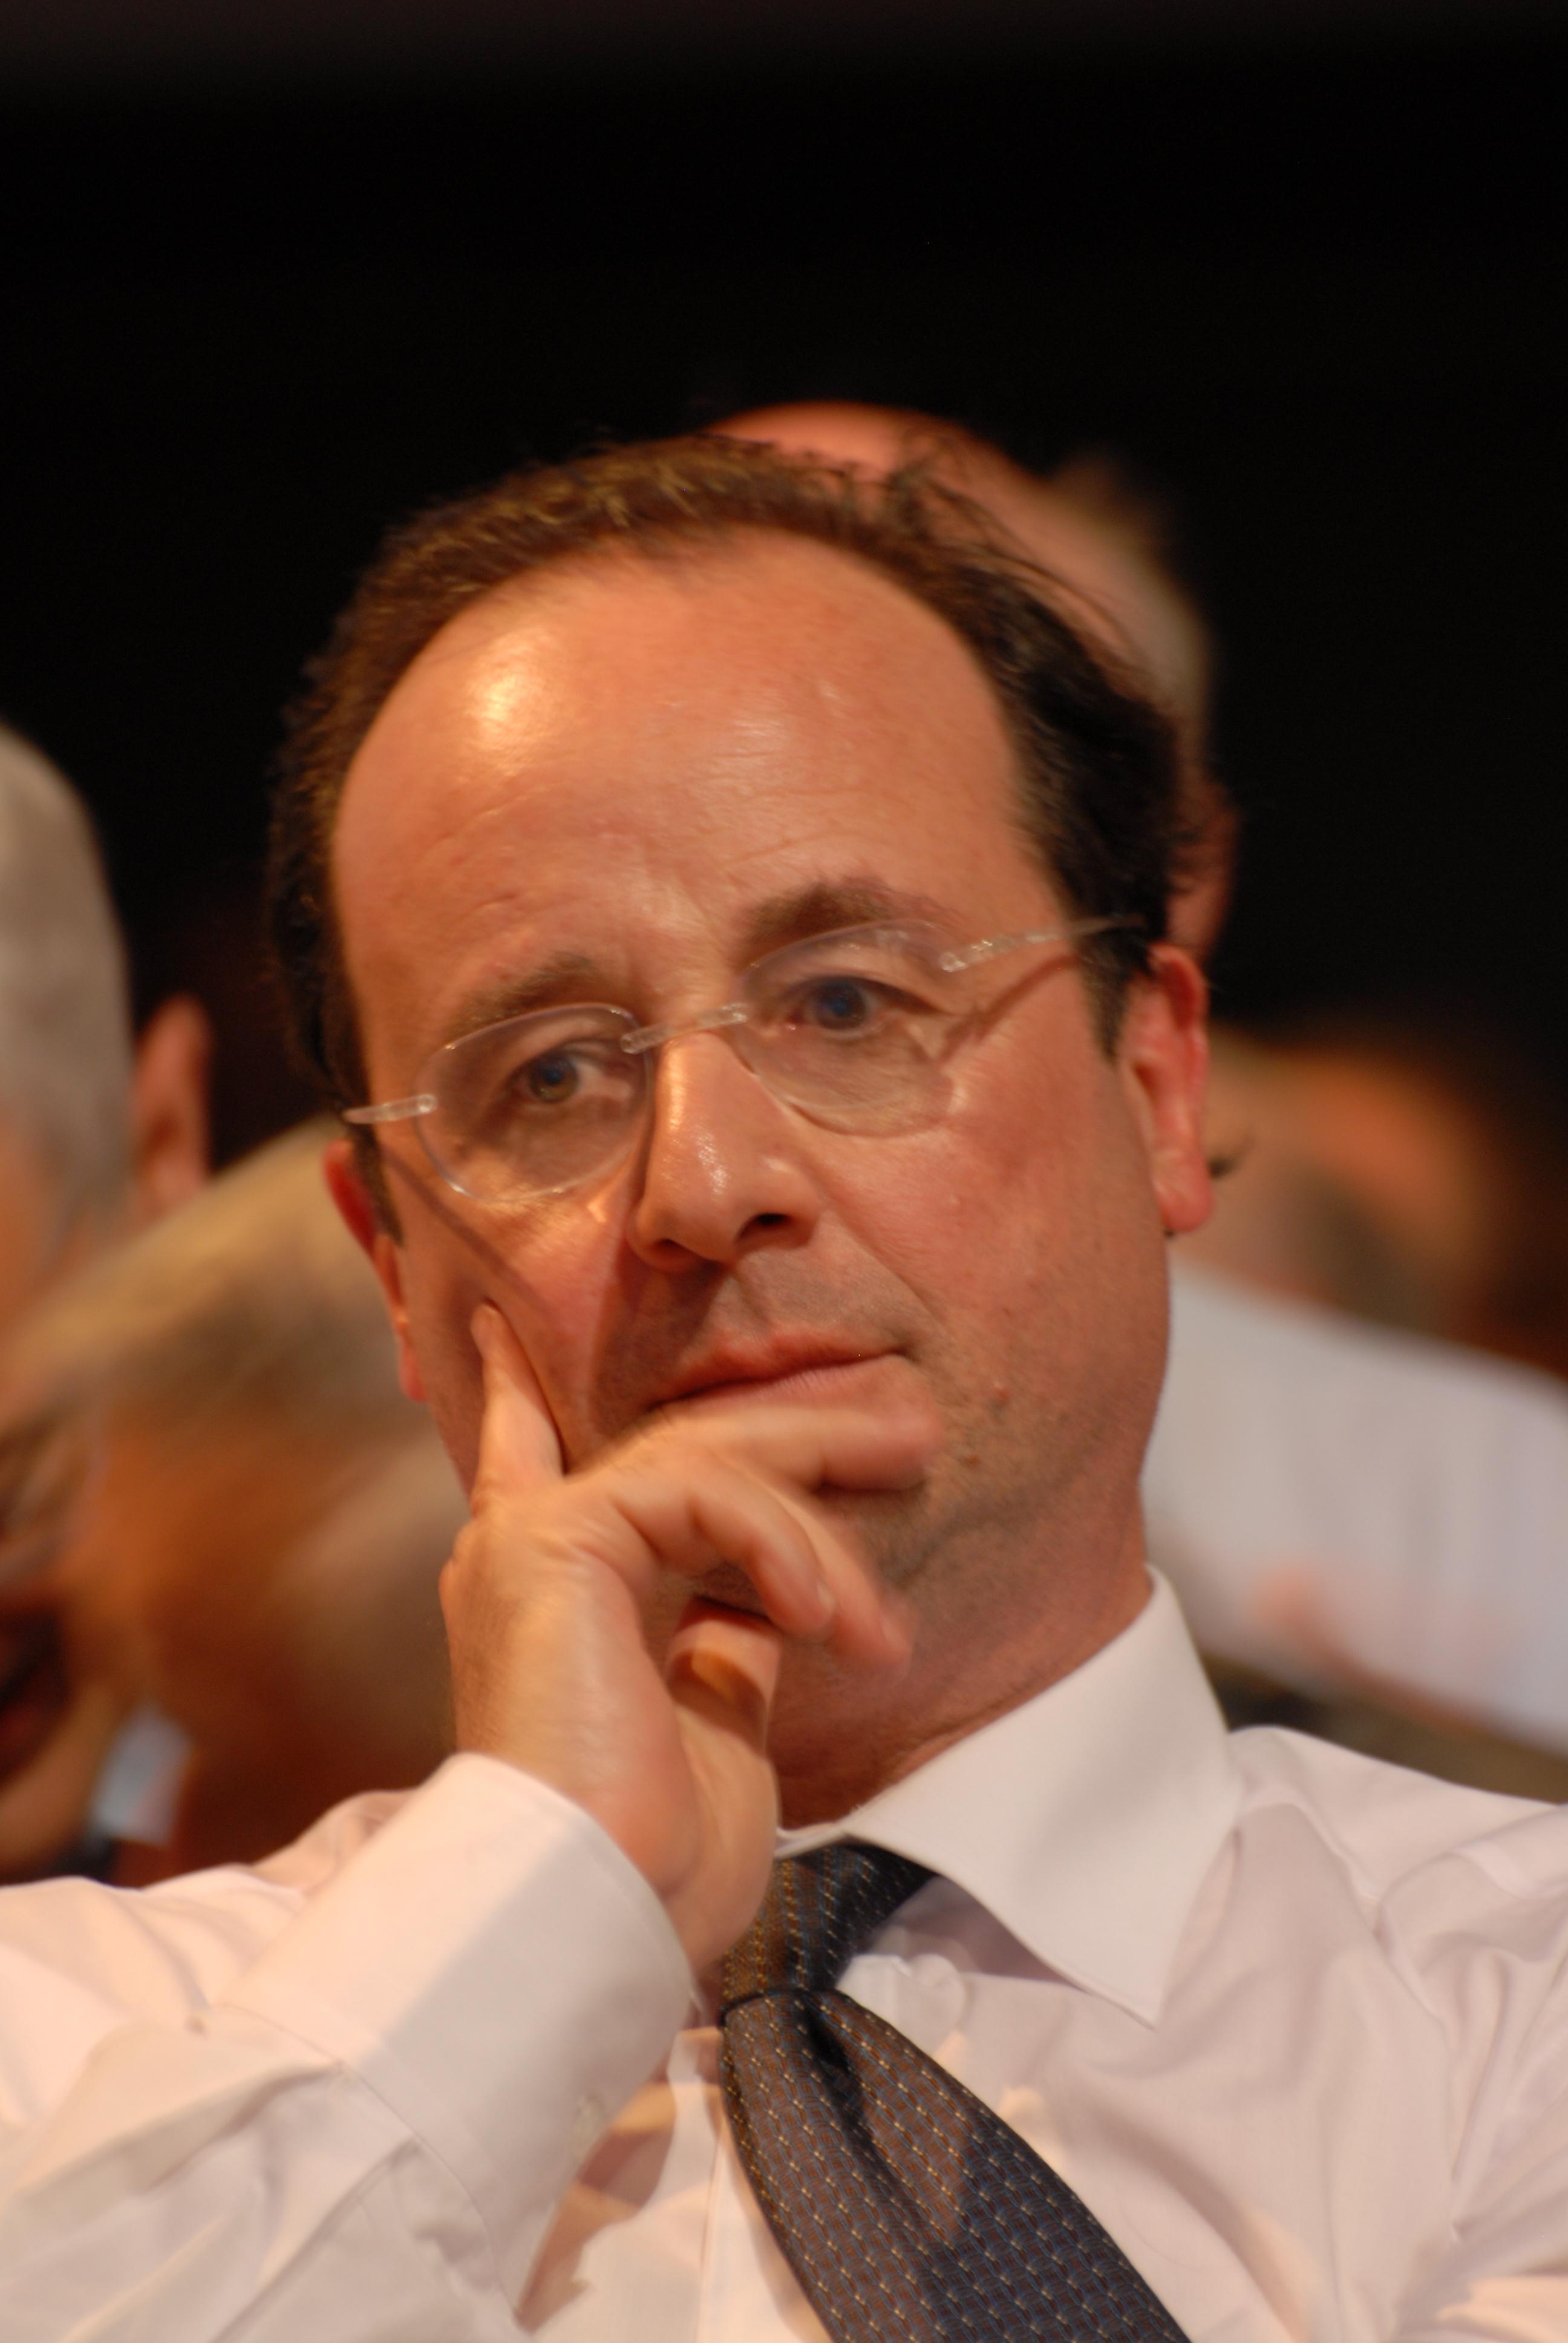 フランス社会党の党首がサルコジ...